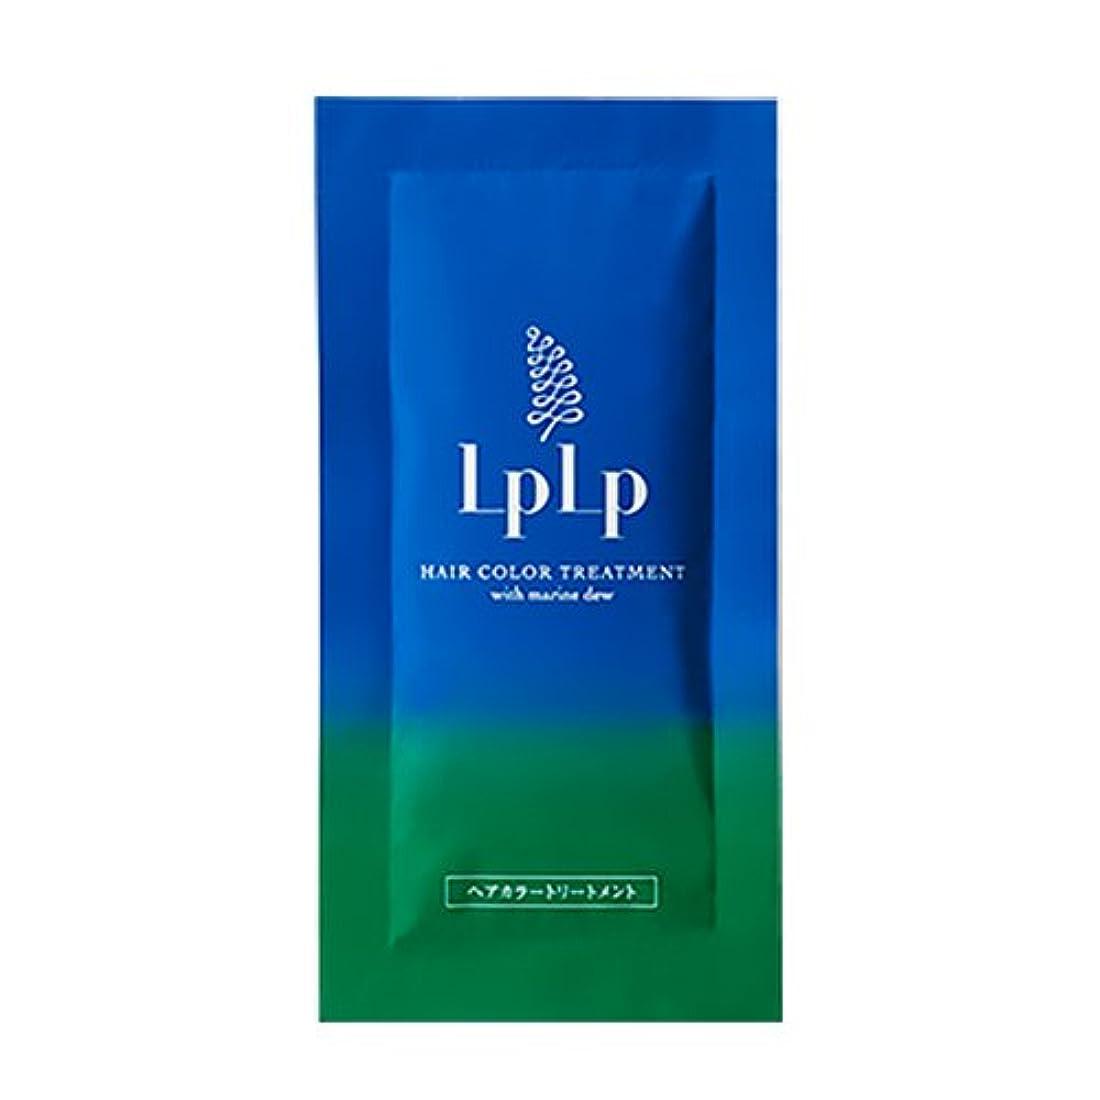 手入れ被害者ブランドLPLP(ルプルプ)ヘアカラートリートメントお試しパウチ ソフトブラック